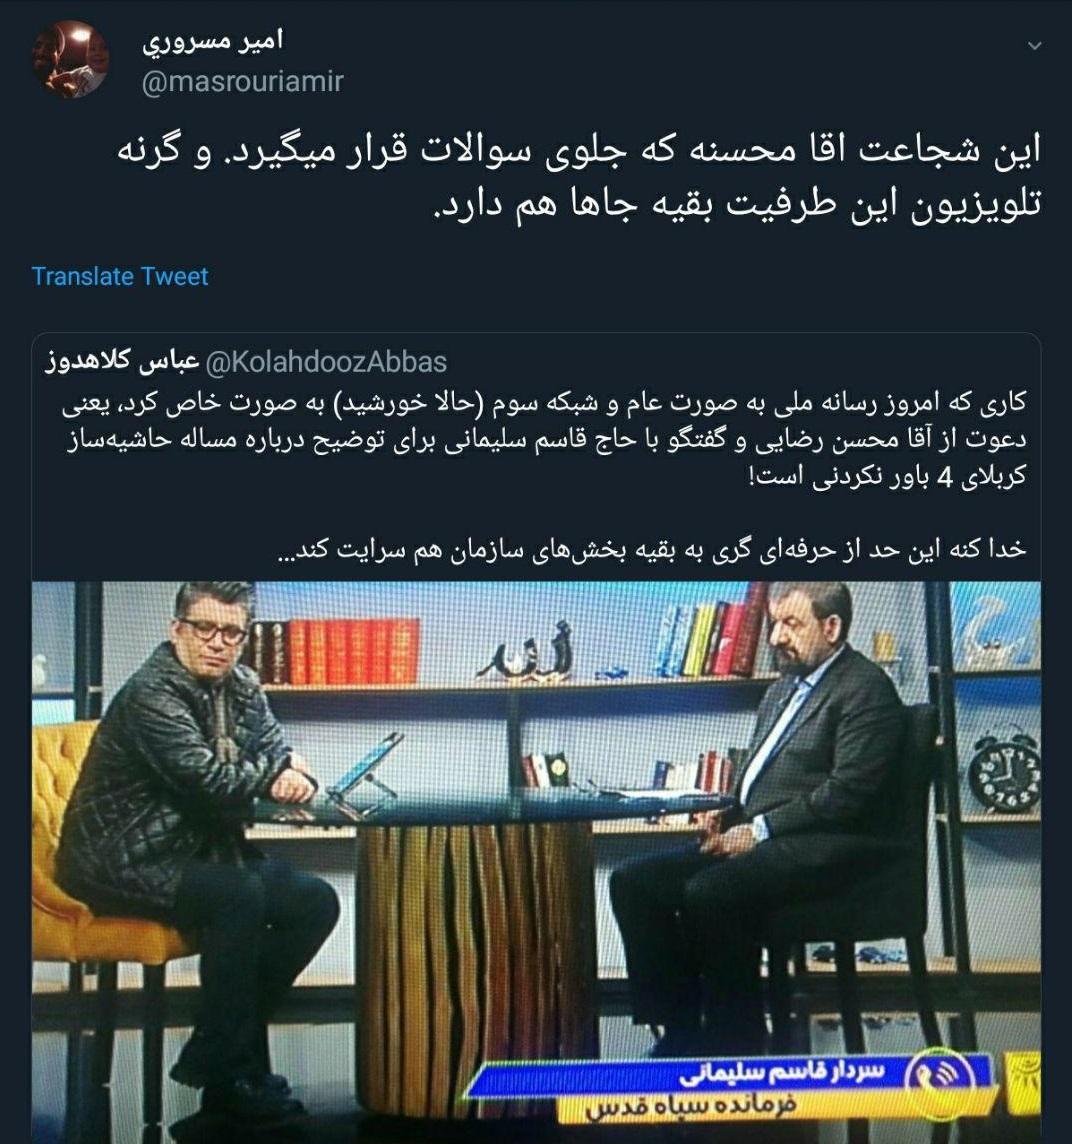 واکنش کاربران توییتر به حضور و پاسخگویی محسن رضایی در حالا خورشید - 15